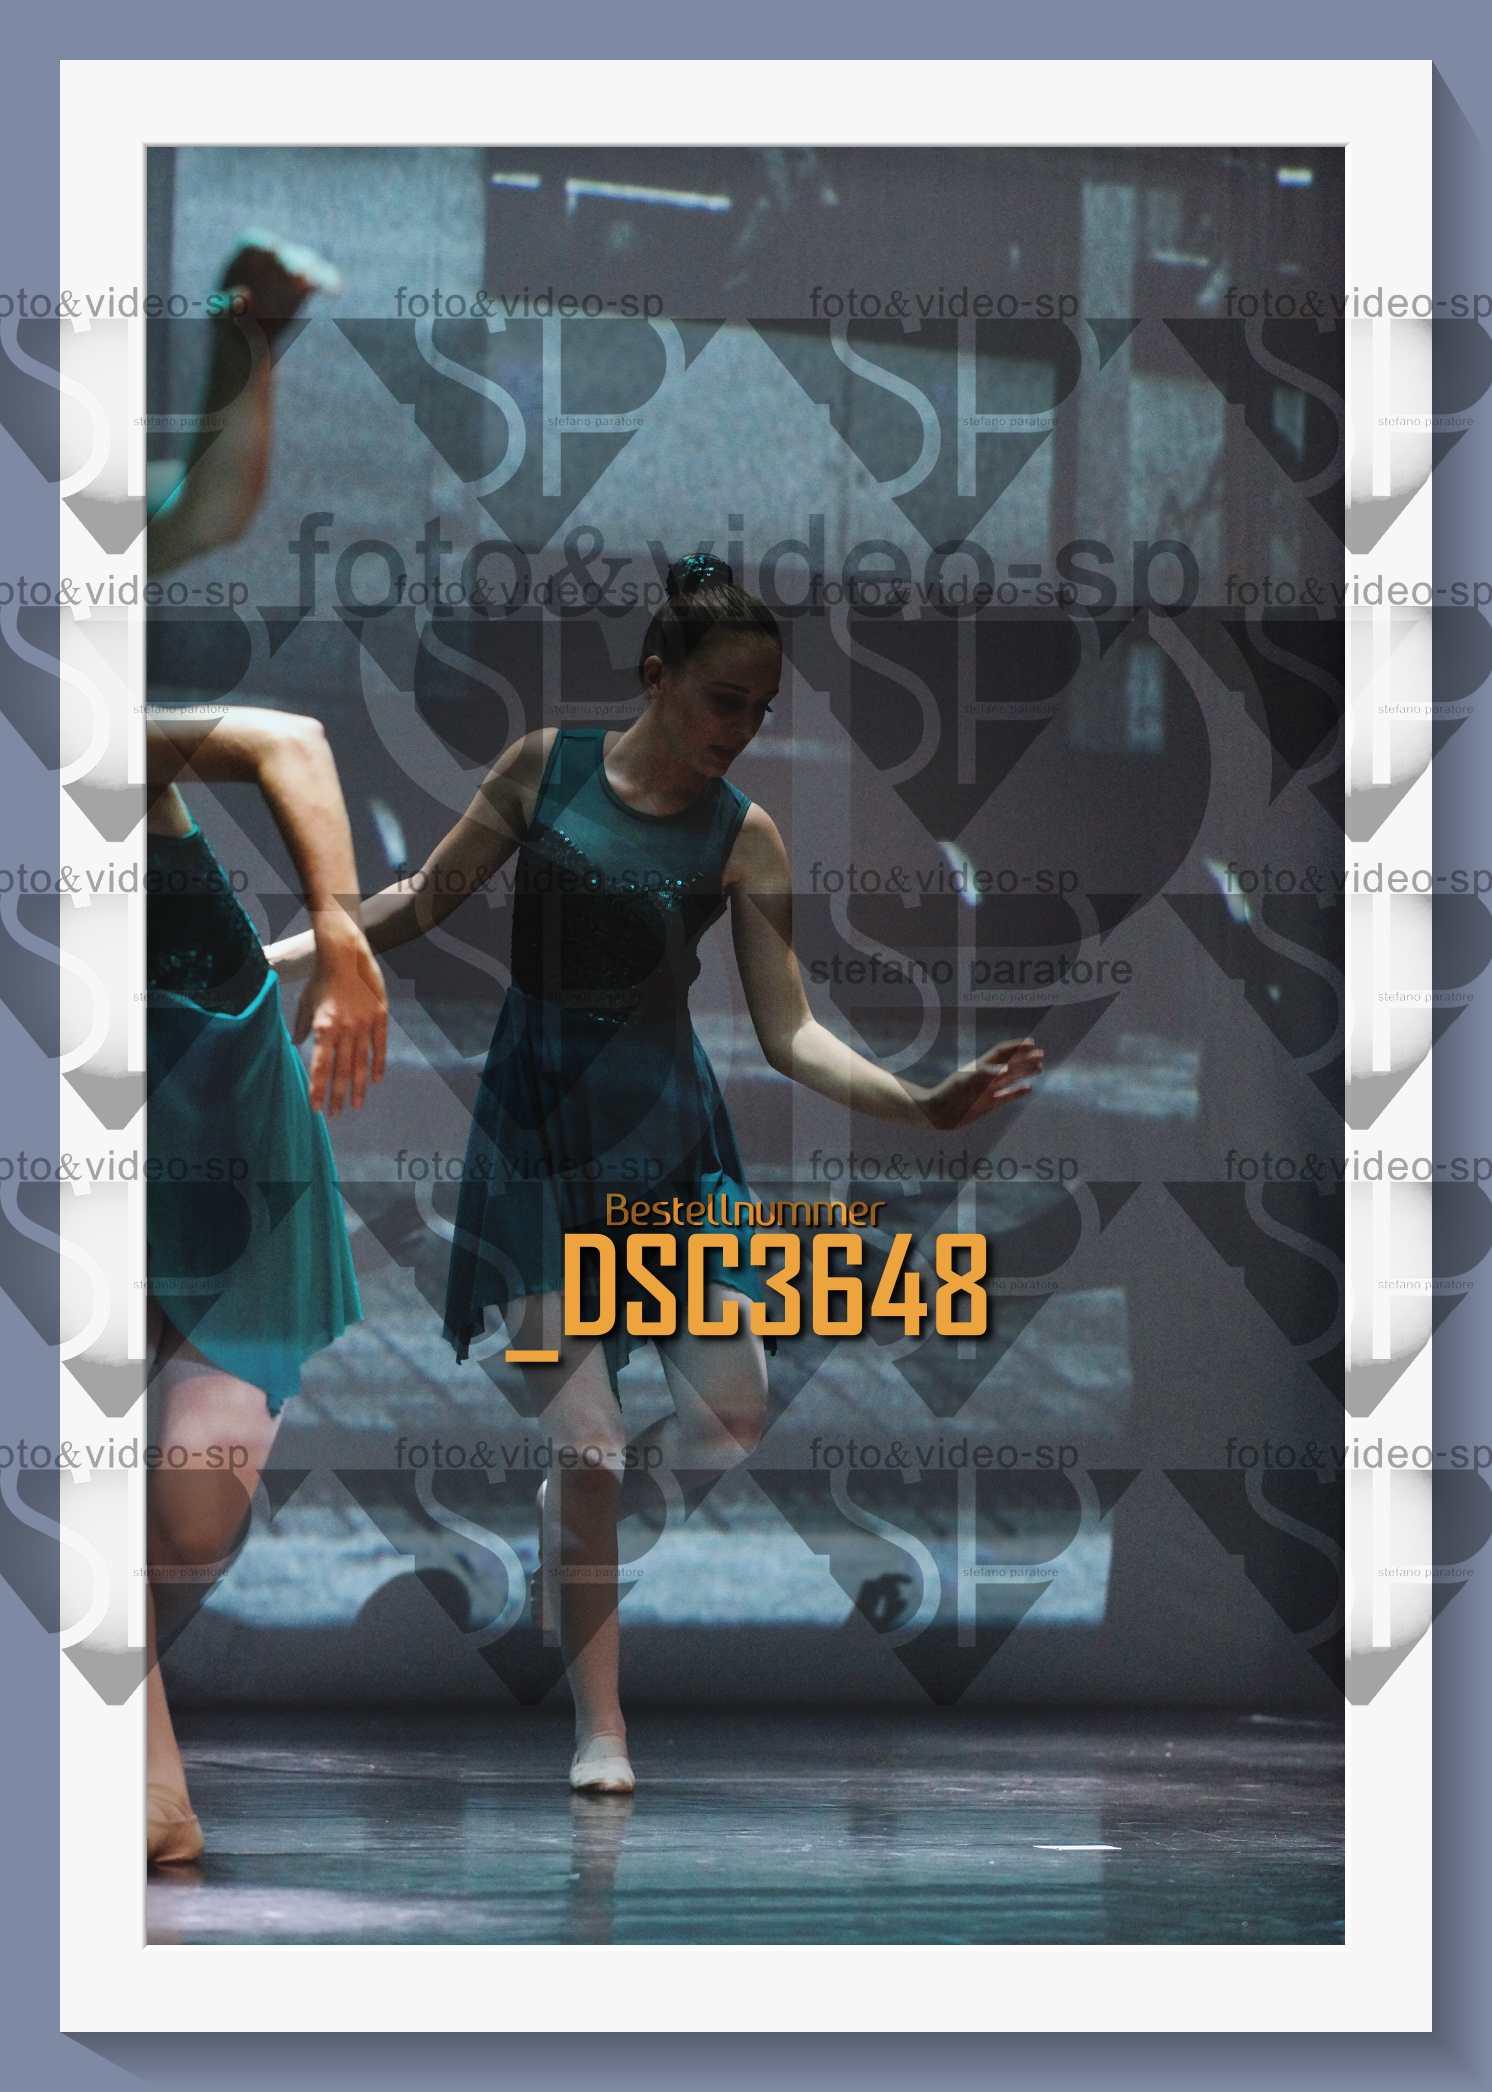 DSC3648